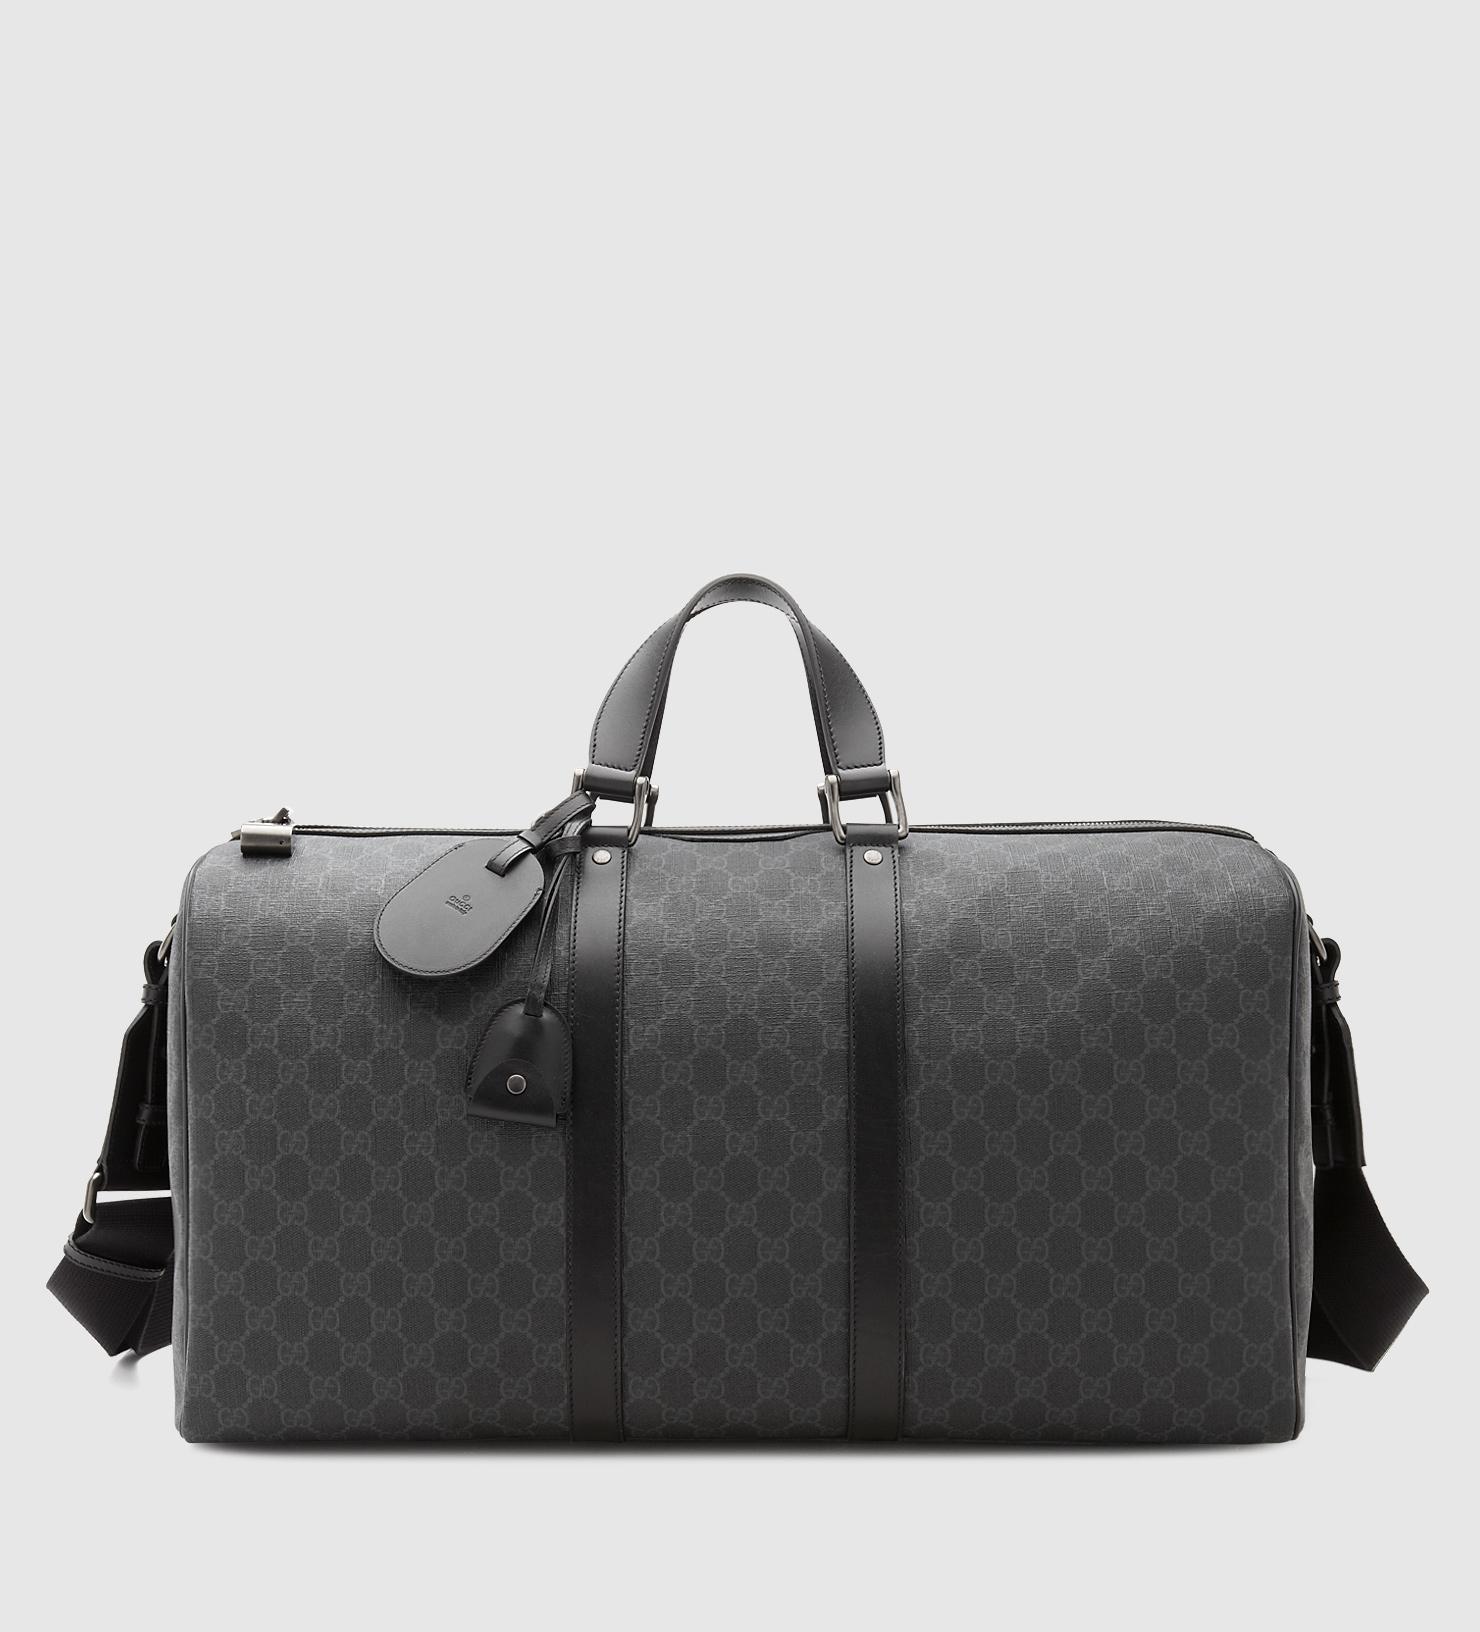 0385c49f5d24 Mens Canvas Gym Bags